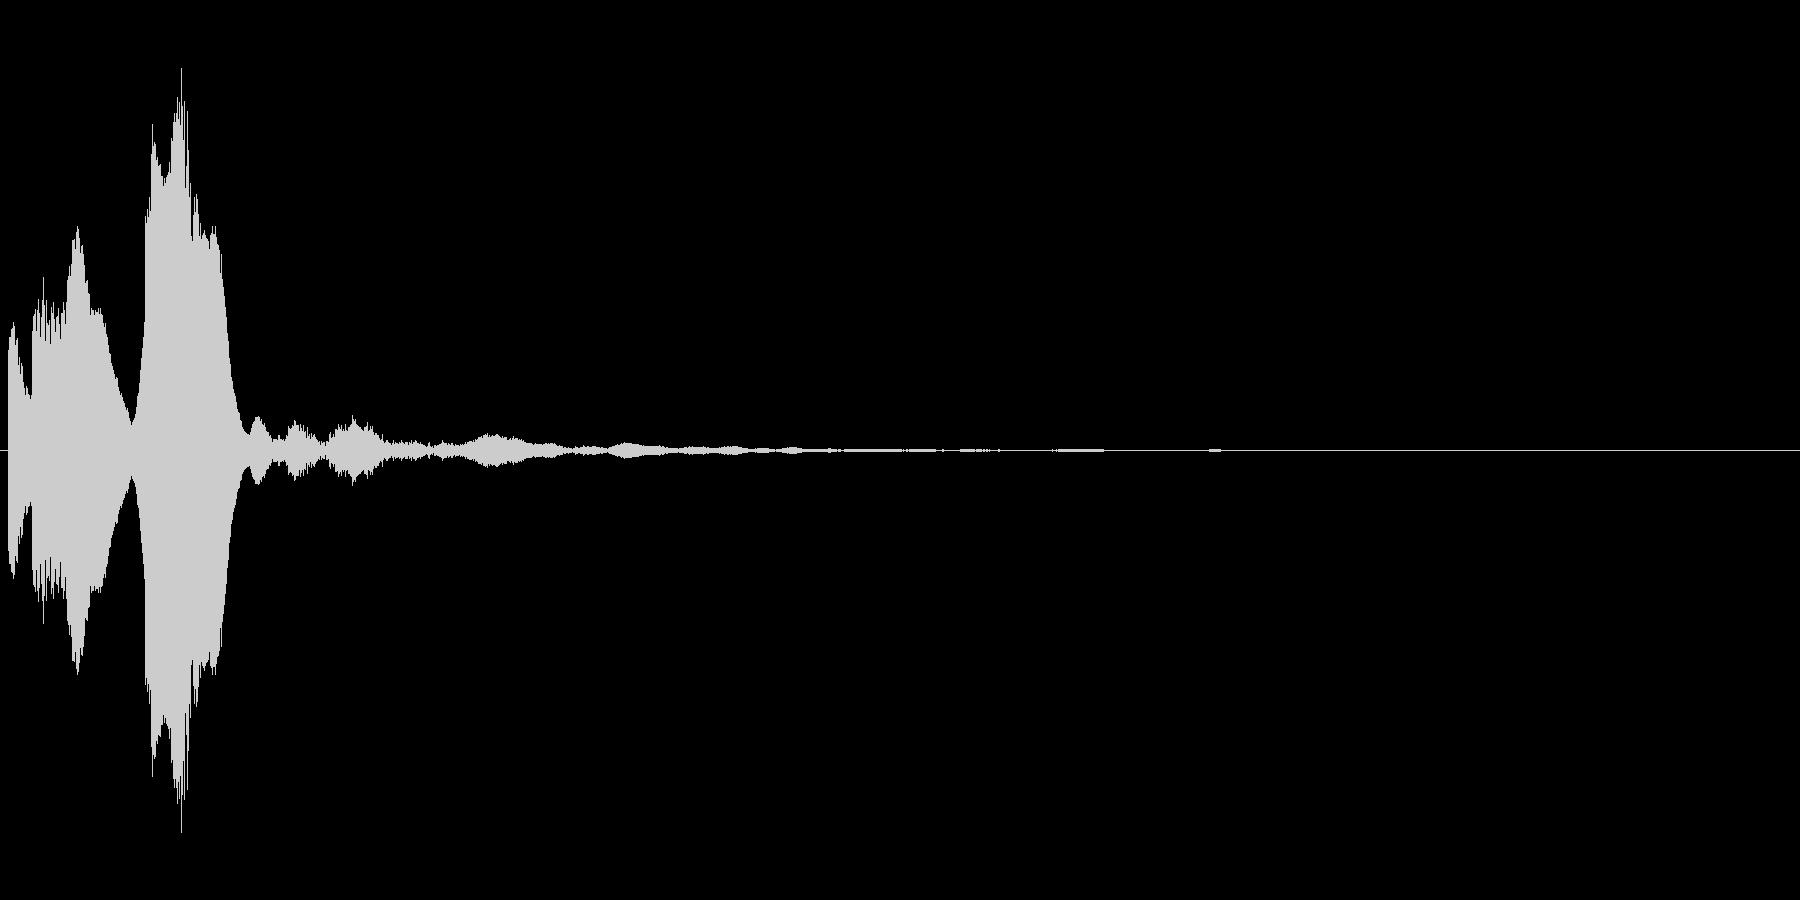 タッチ,クリック音(ピコン)の未再生の波形